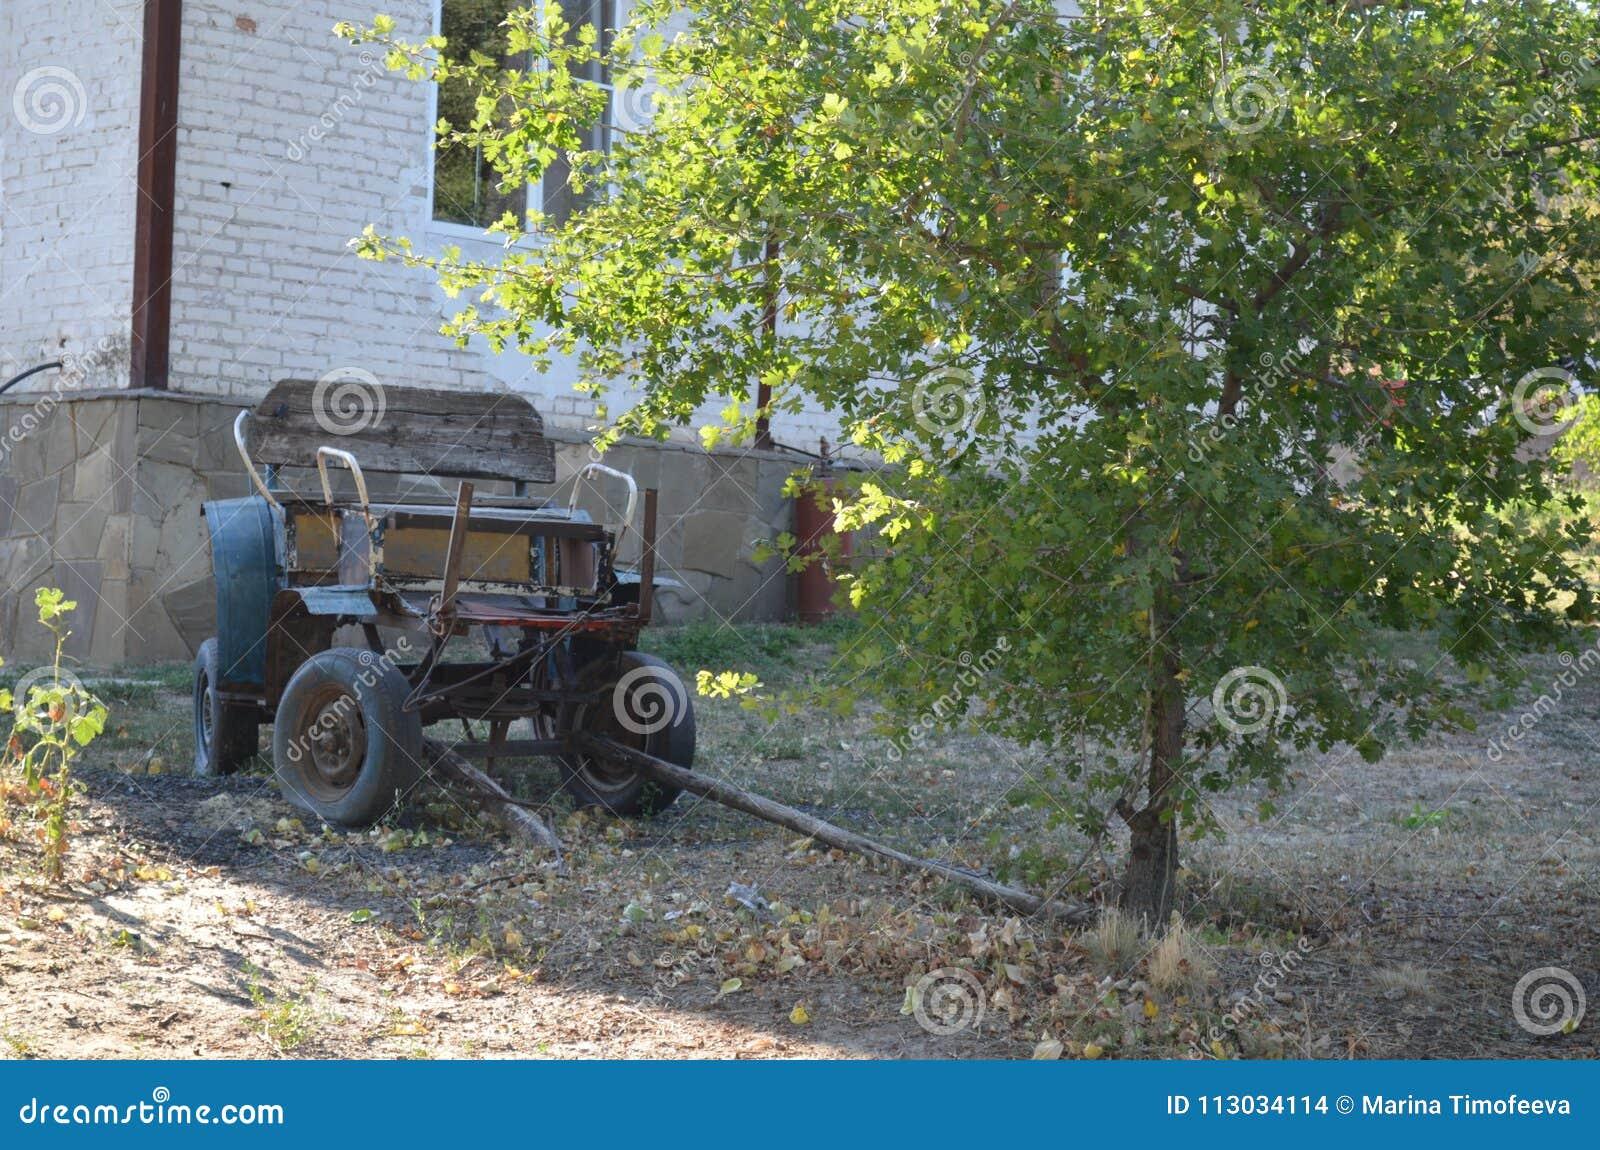 Tachanka viejo cosaco en un ethnocomplex en el Don